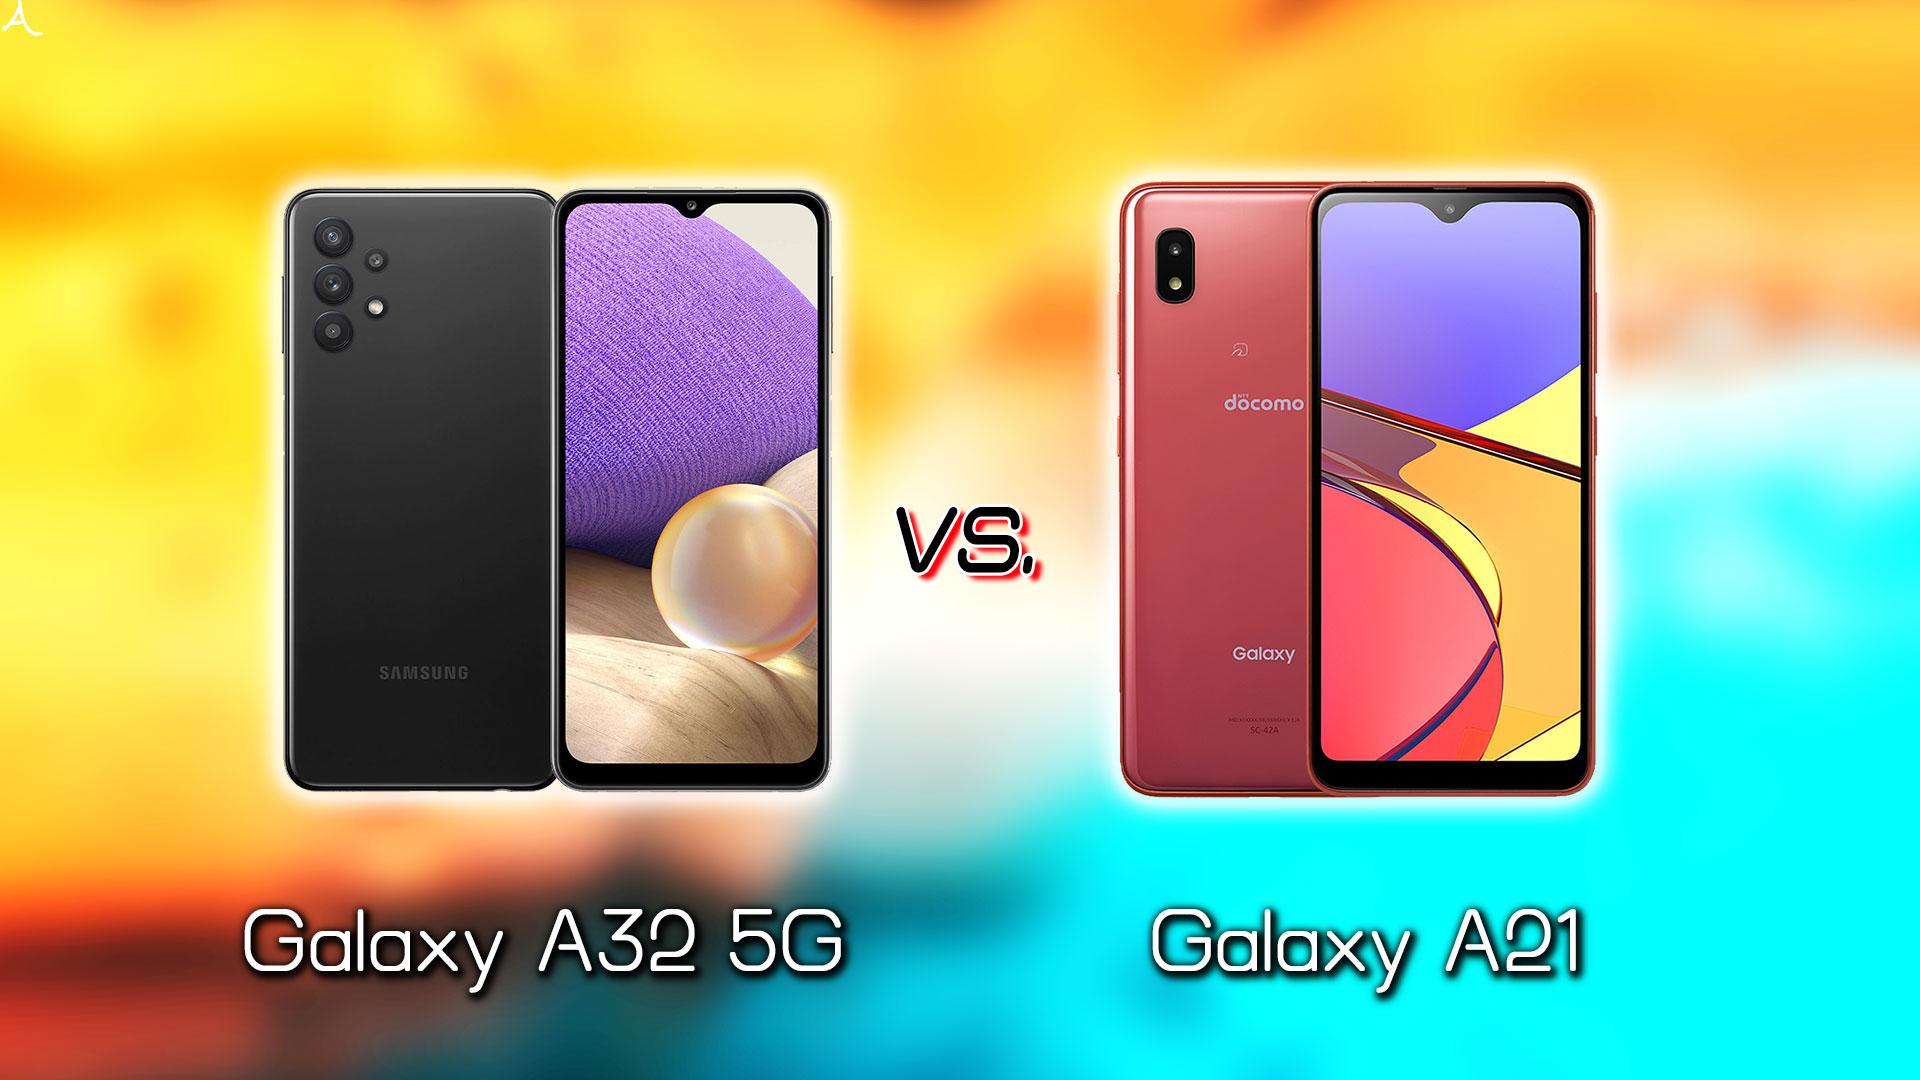 「Galaxy A32 5G」と「Galaxy A21」の違いを比較:どっちを買う?